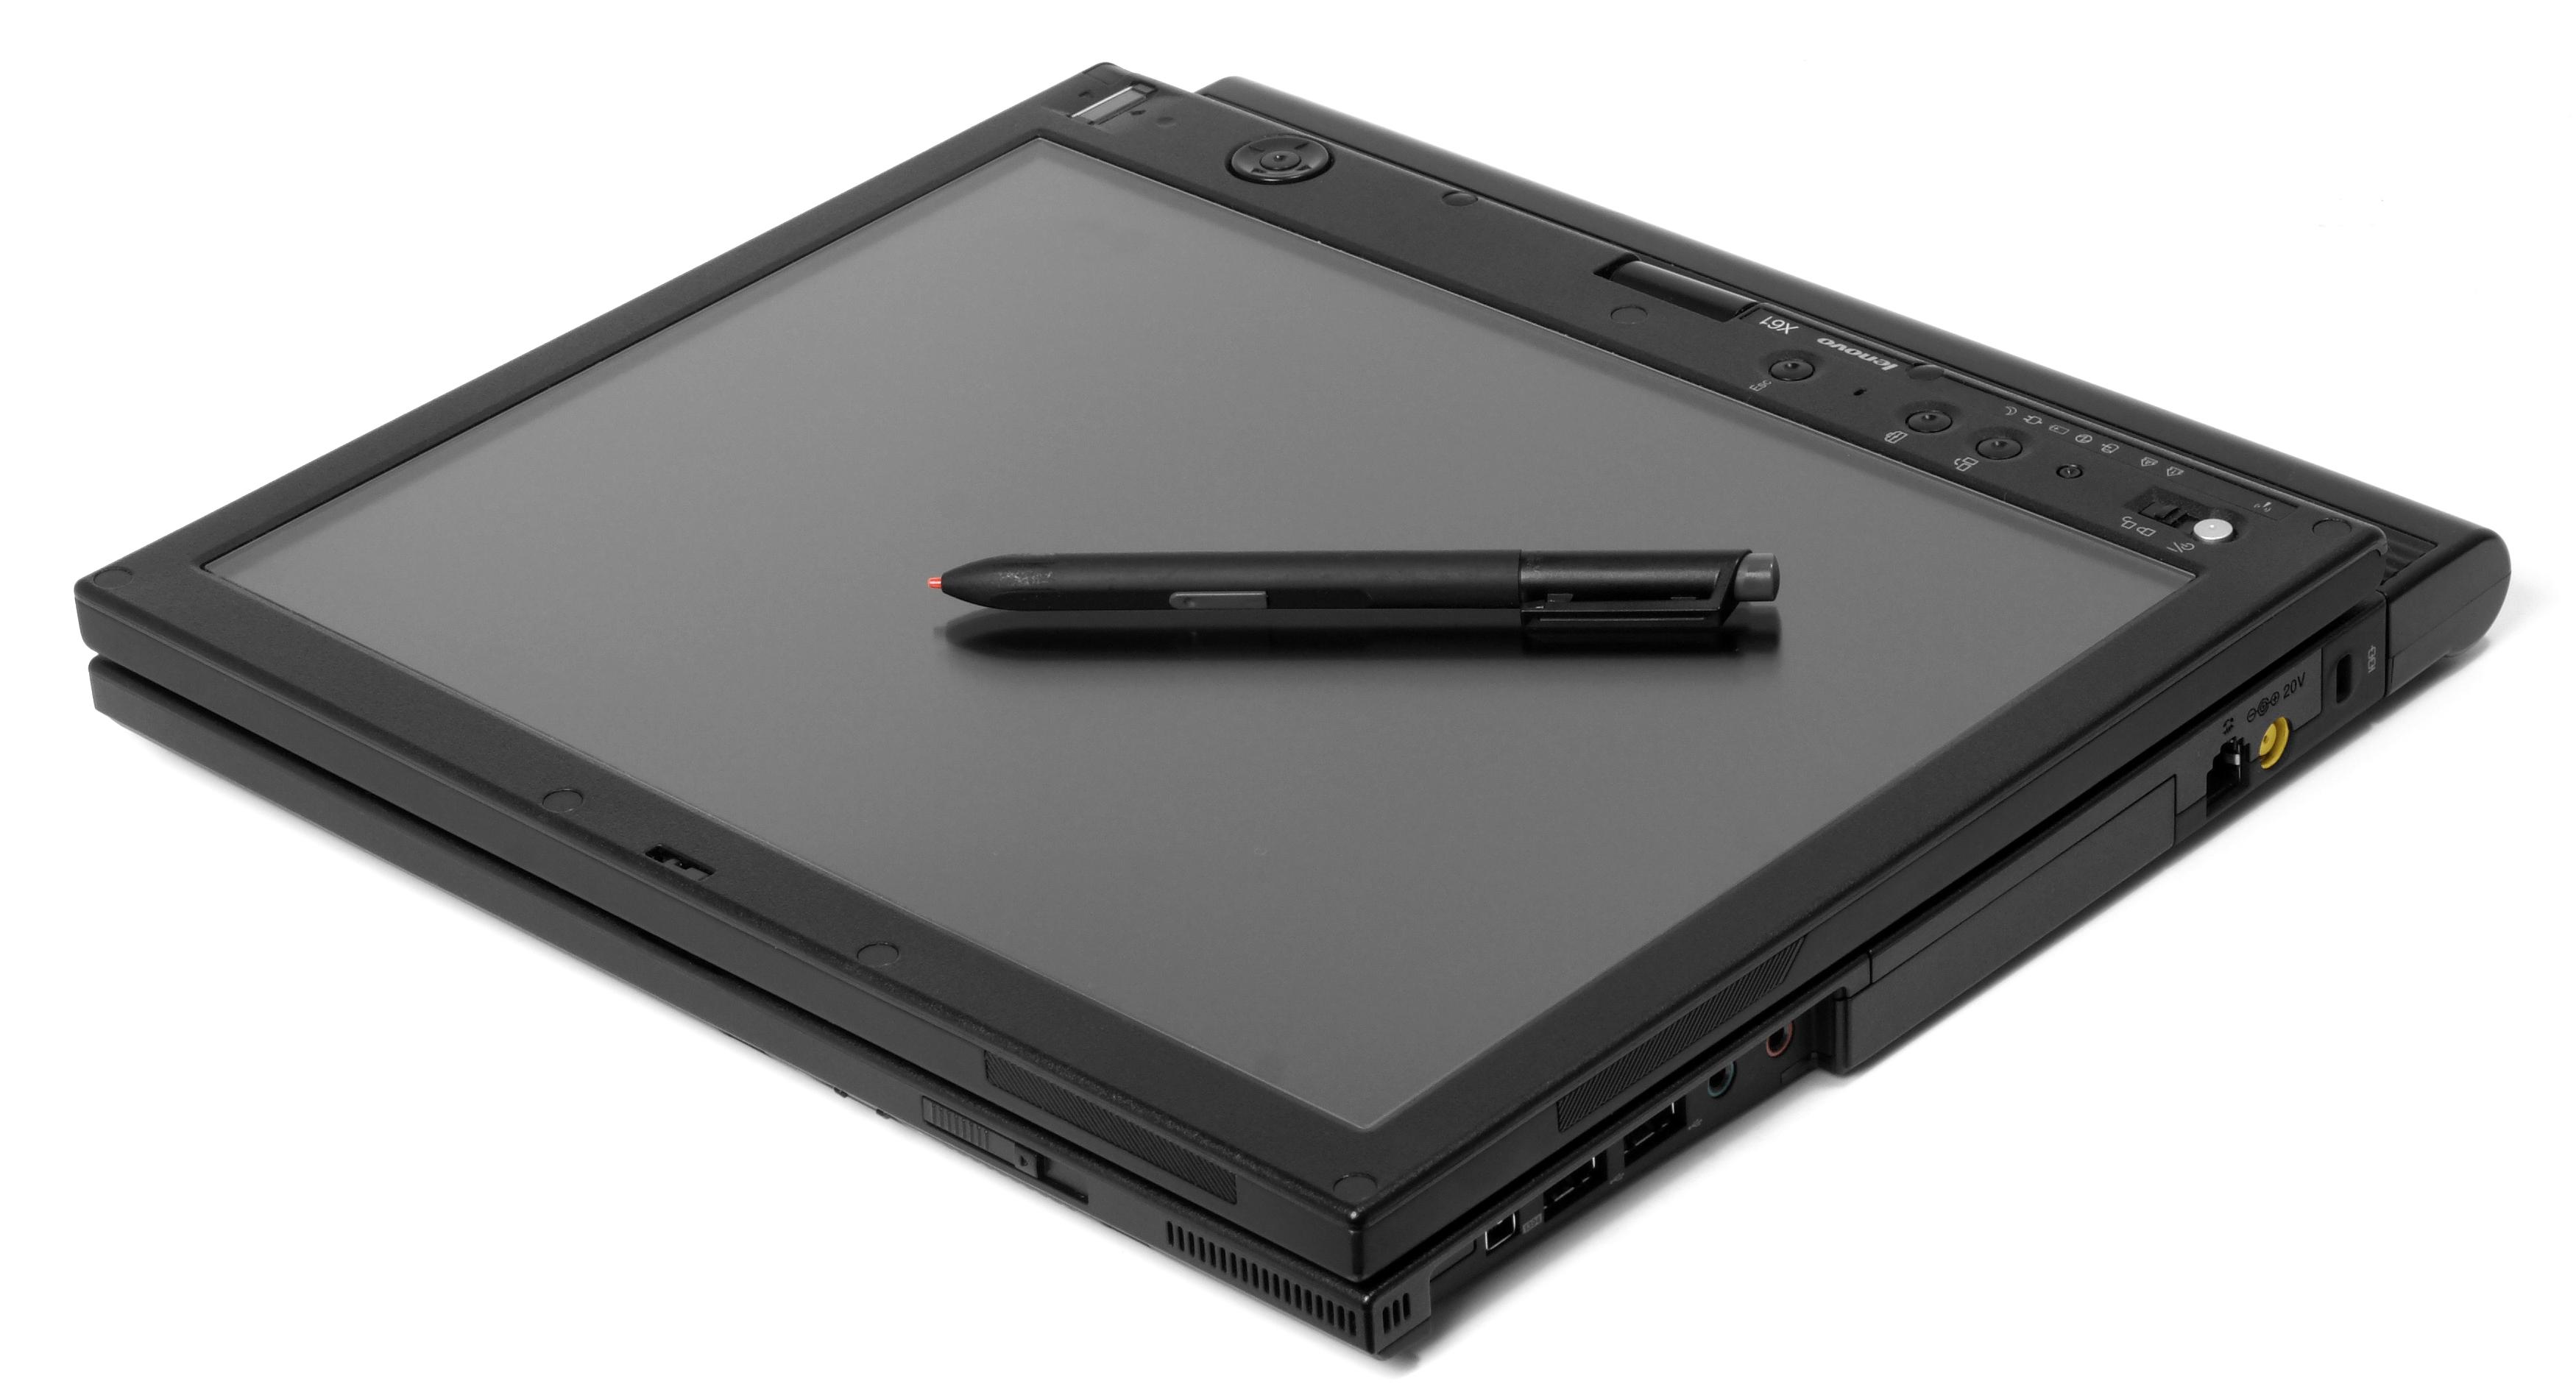 Digitizer Tablets Information